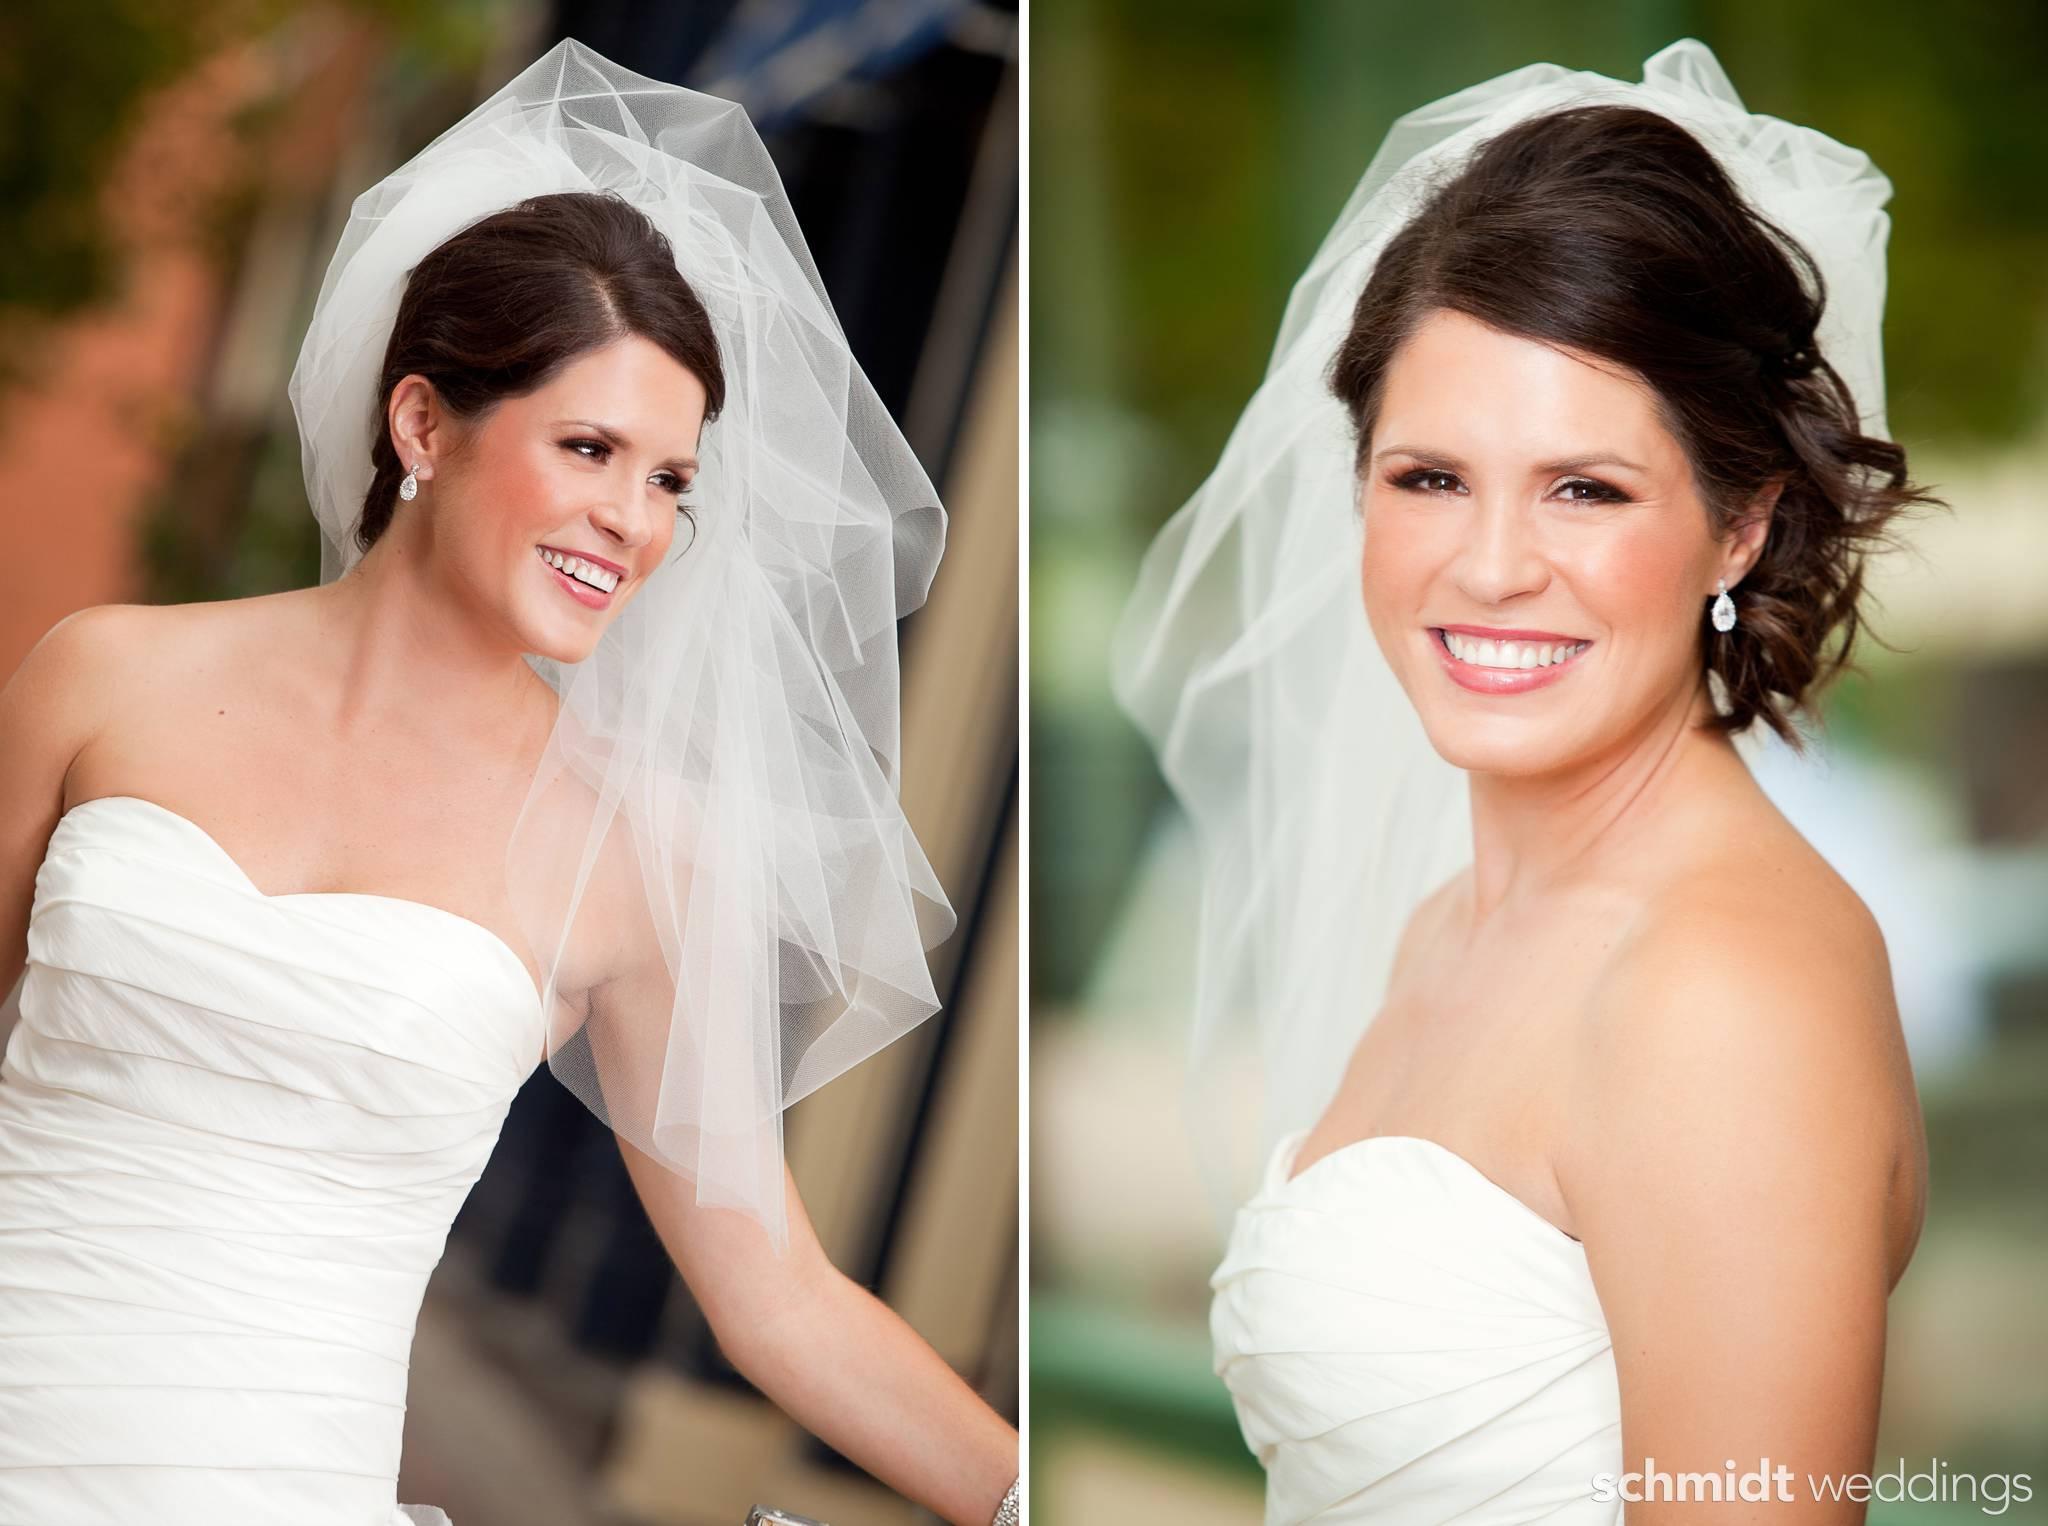 Schmidt Weddings Photographer Chicago